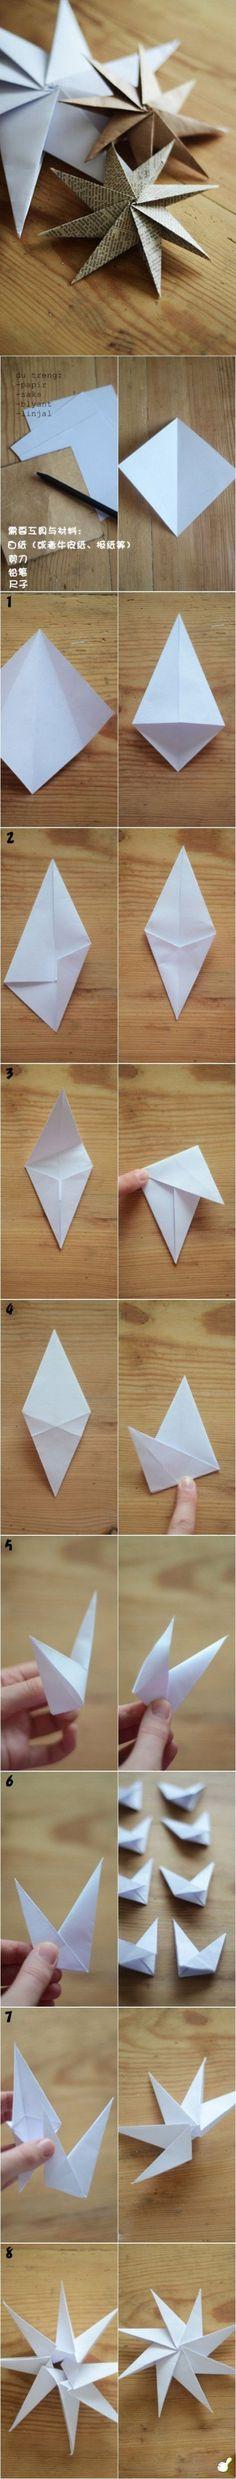 Як зробити зірку-маківку для ялинки: добірка майстер-класів | Ідеї декору